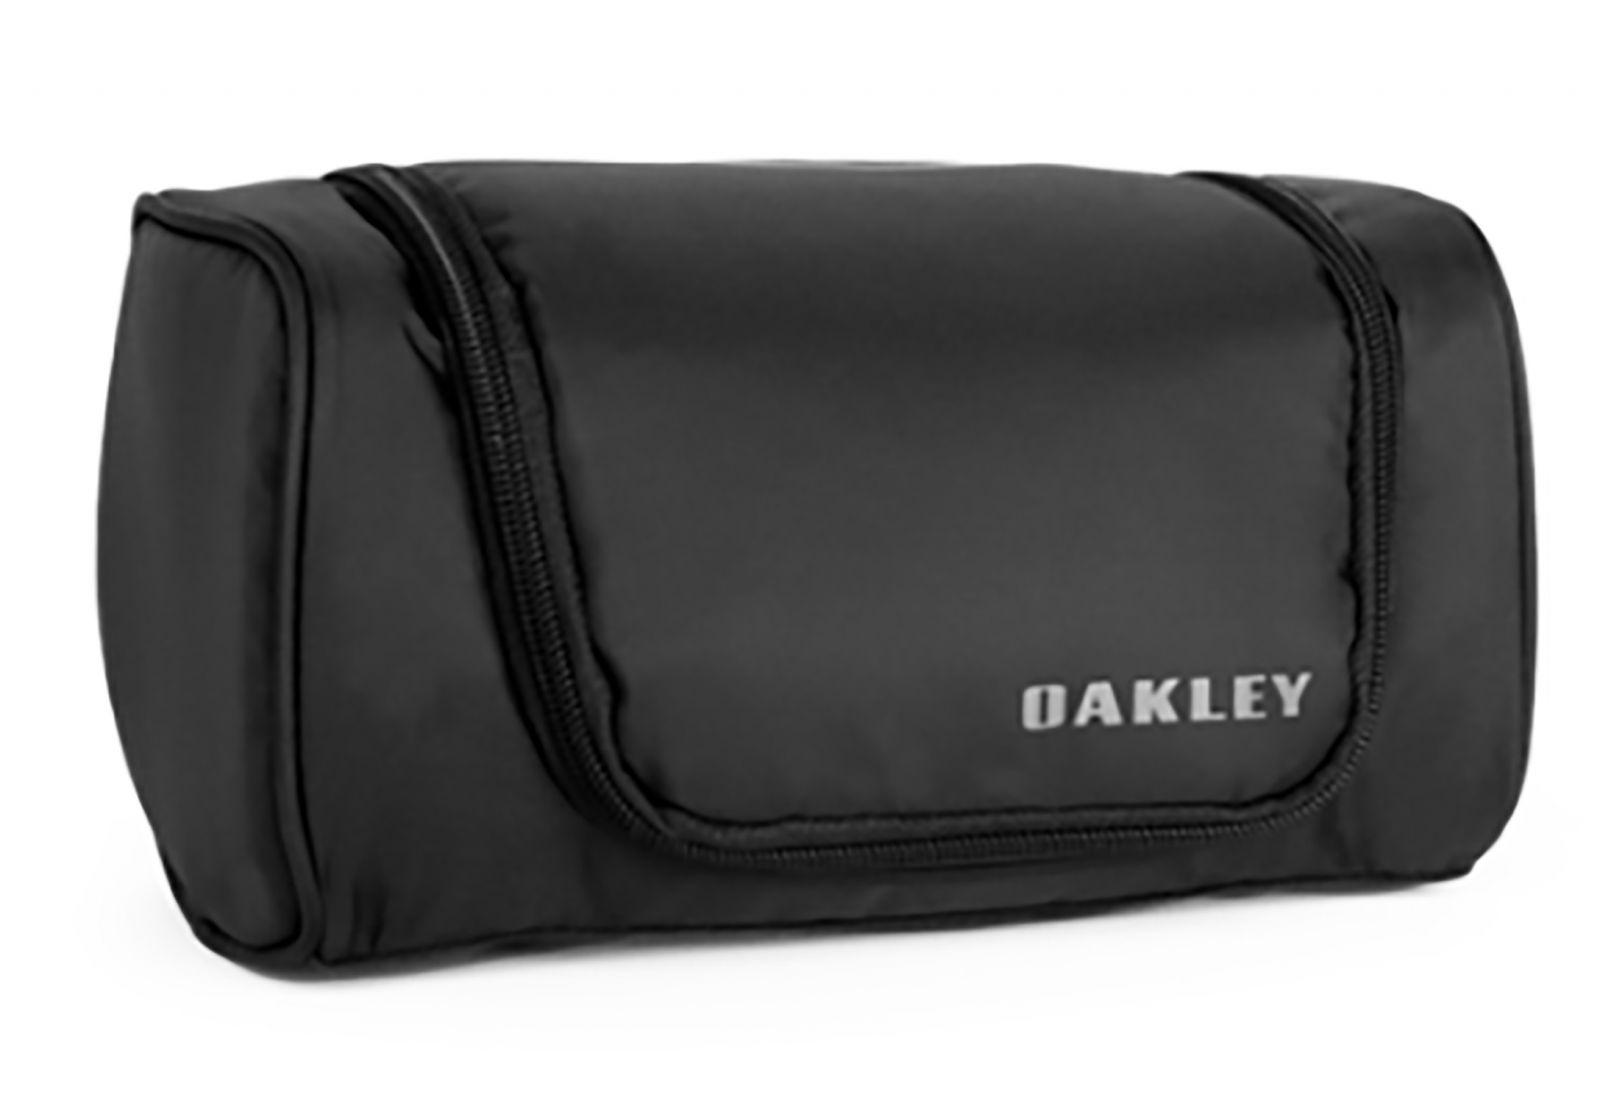 Pouzdro Oakley Universal Soft Goggle Case